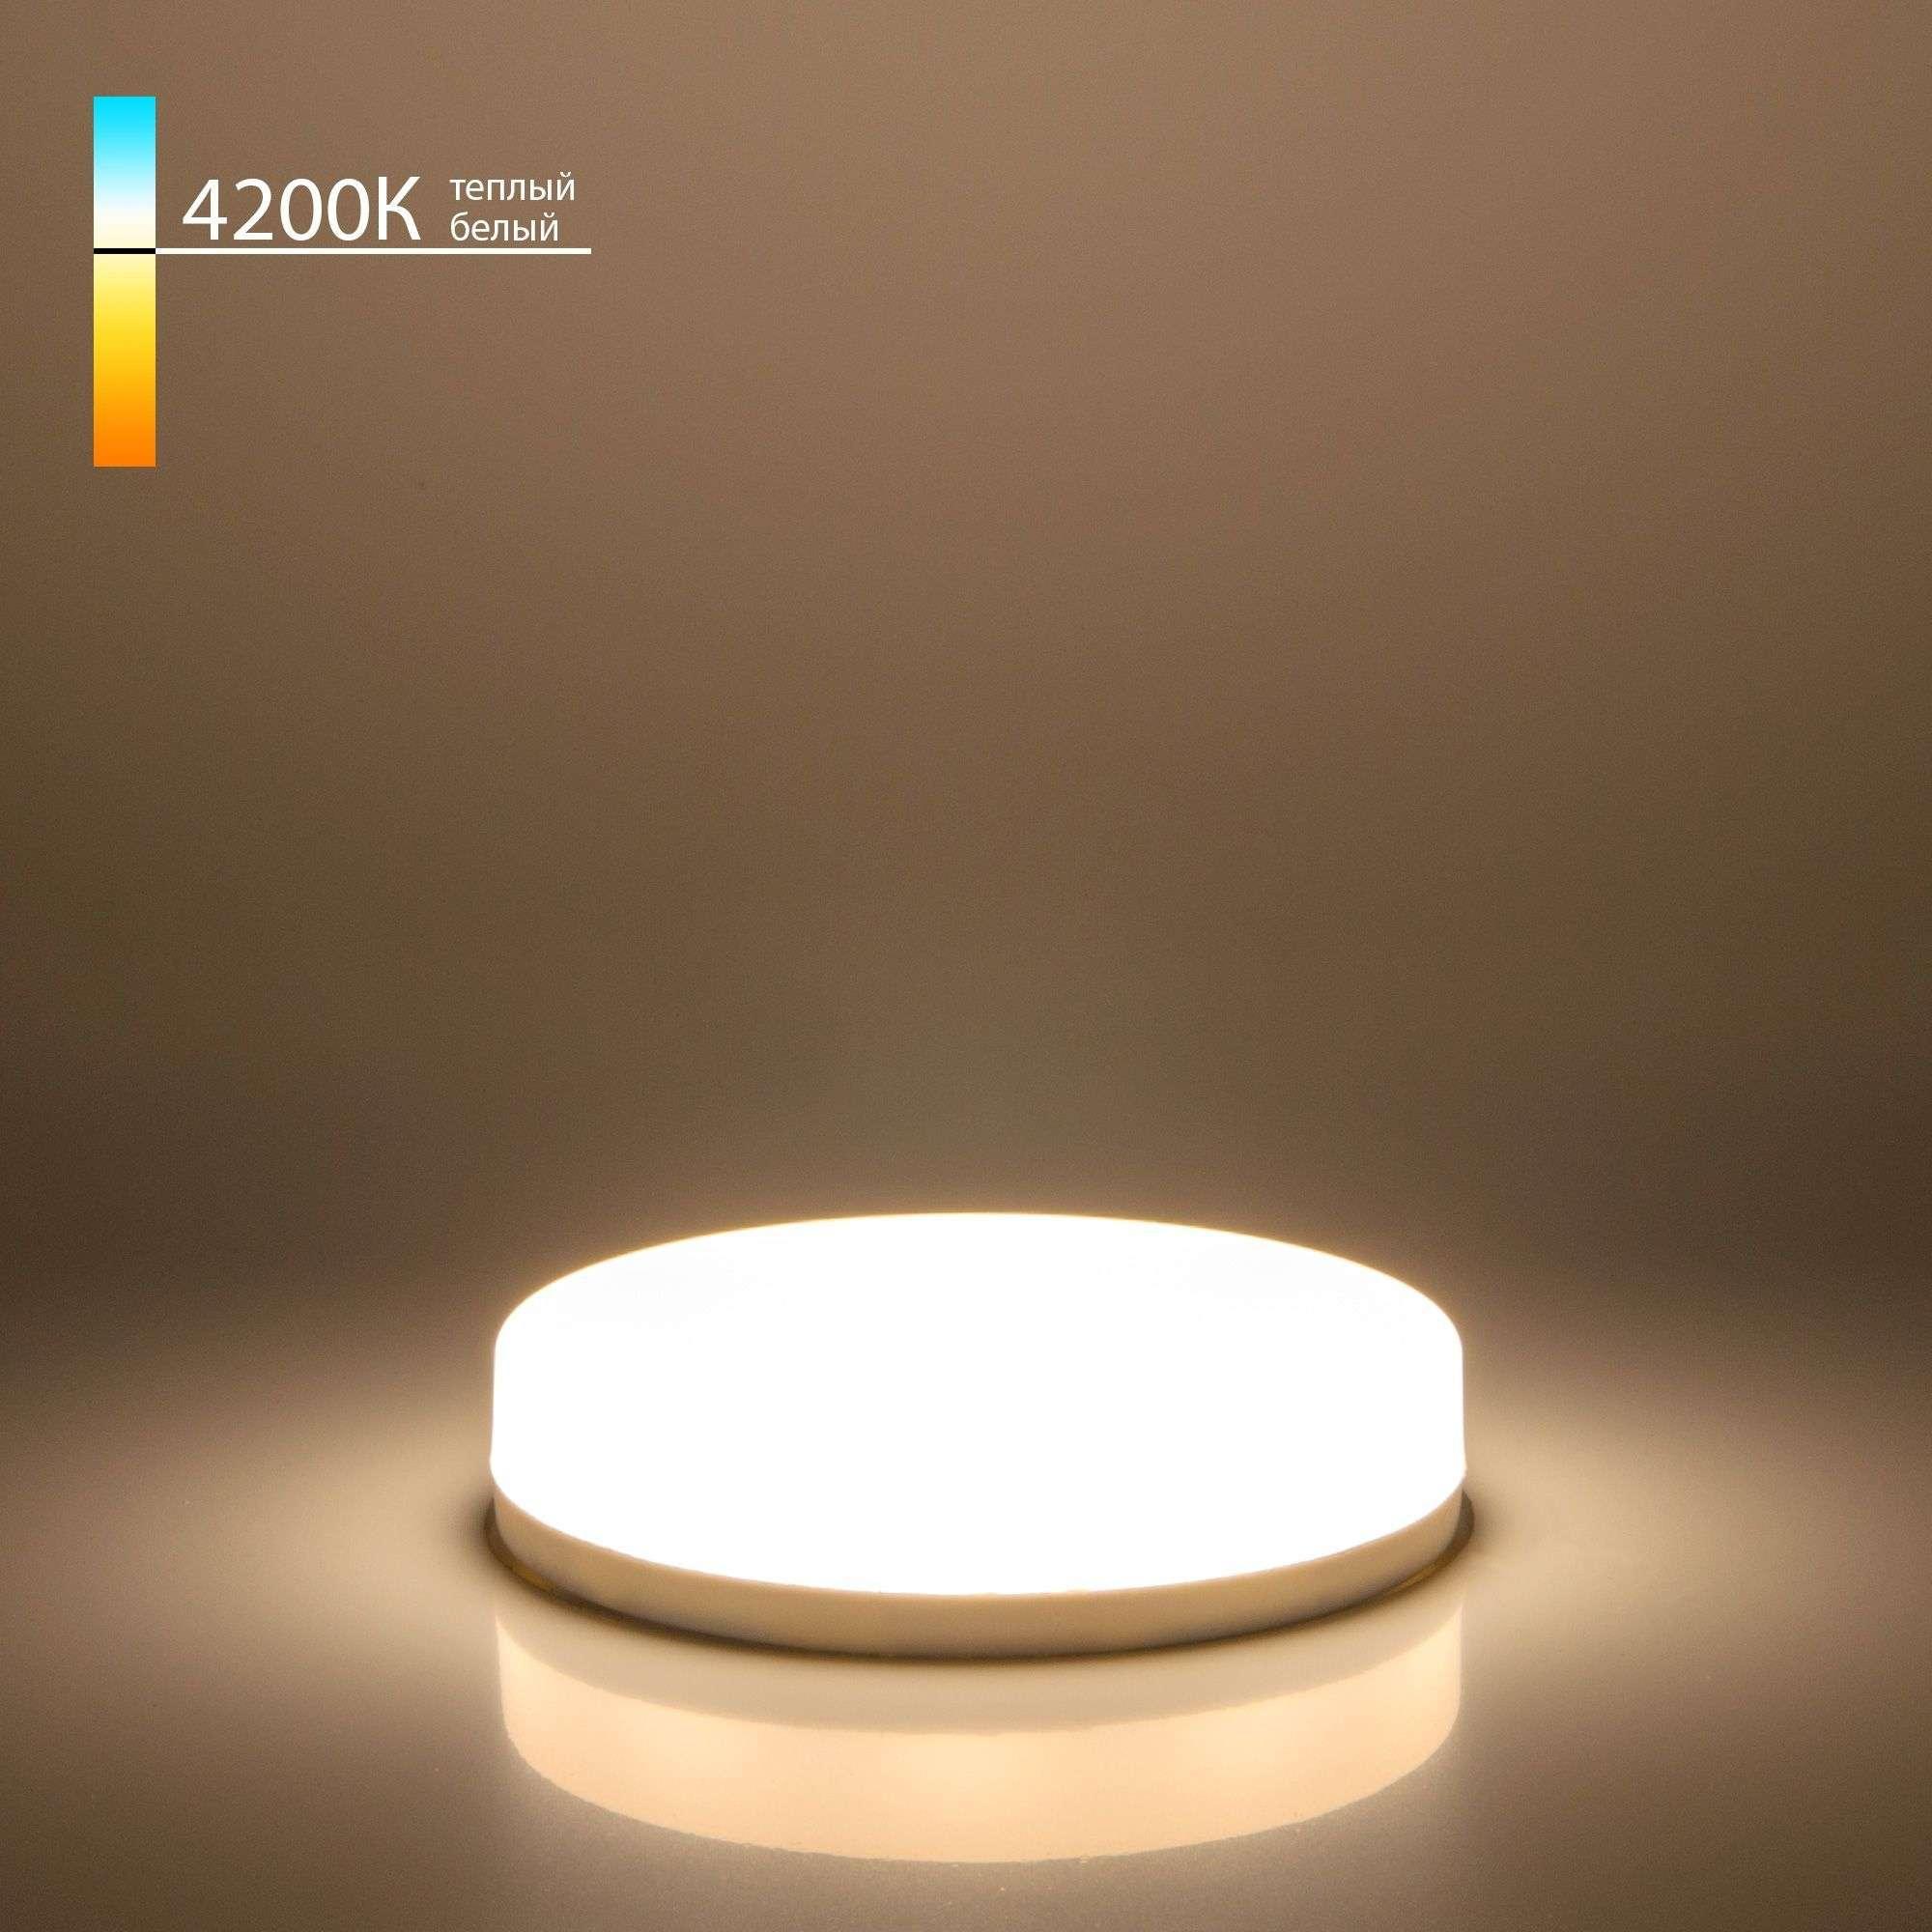 Cветодиодная лампа 8W 4200K GX53 GX53 LED PC 8W 4200K